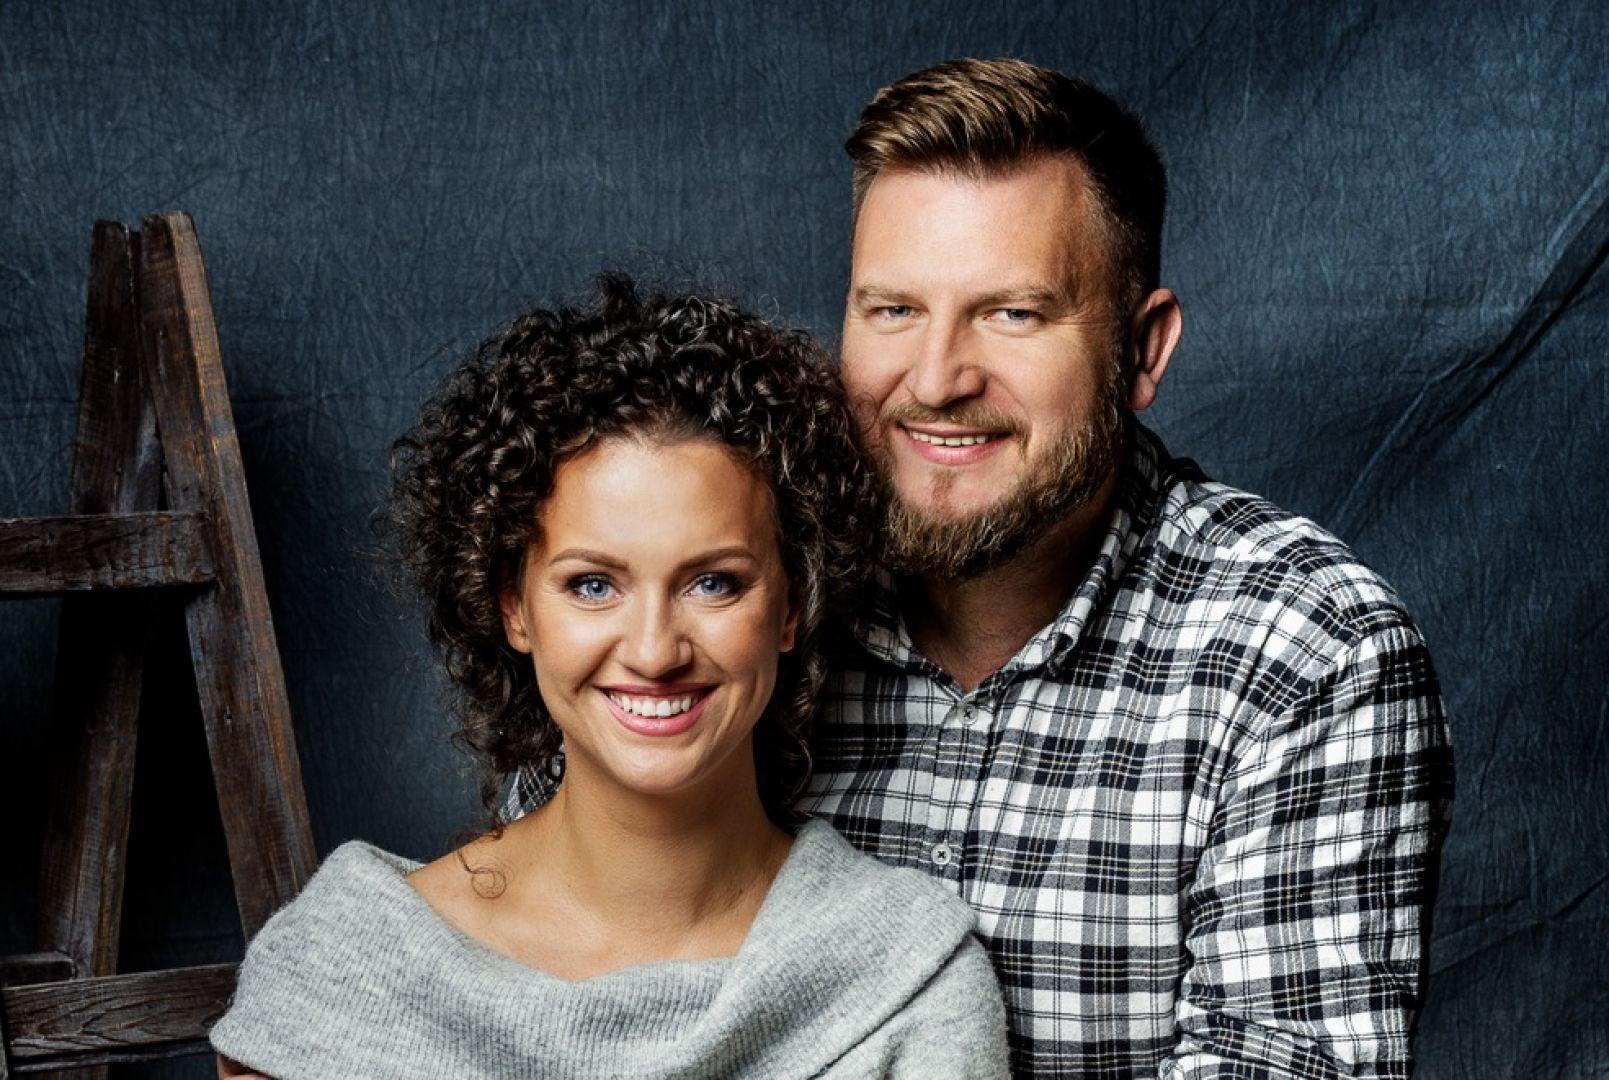 Mirella i Marcin Kępczyńscy, projektanci wnętrz, prowadzący program Para w Remont na antenie HGTV oraz kanał Mirella i Marcin na youtube